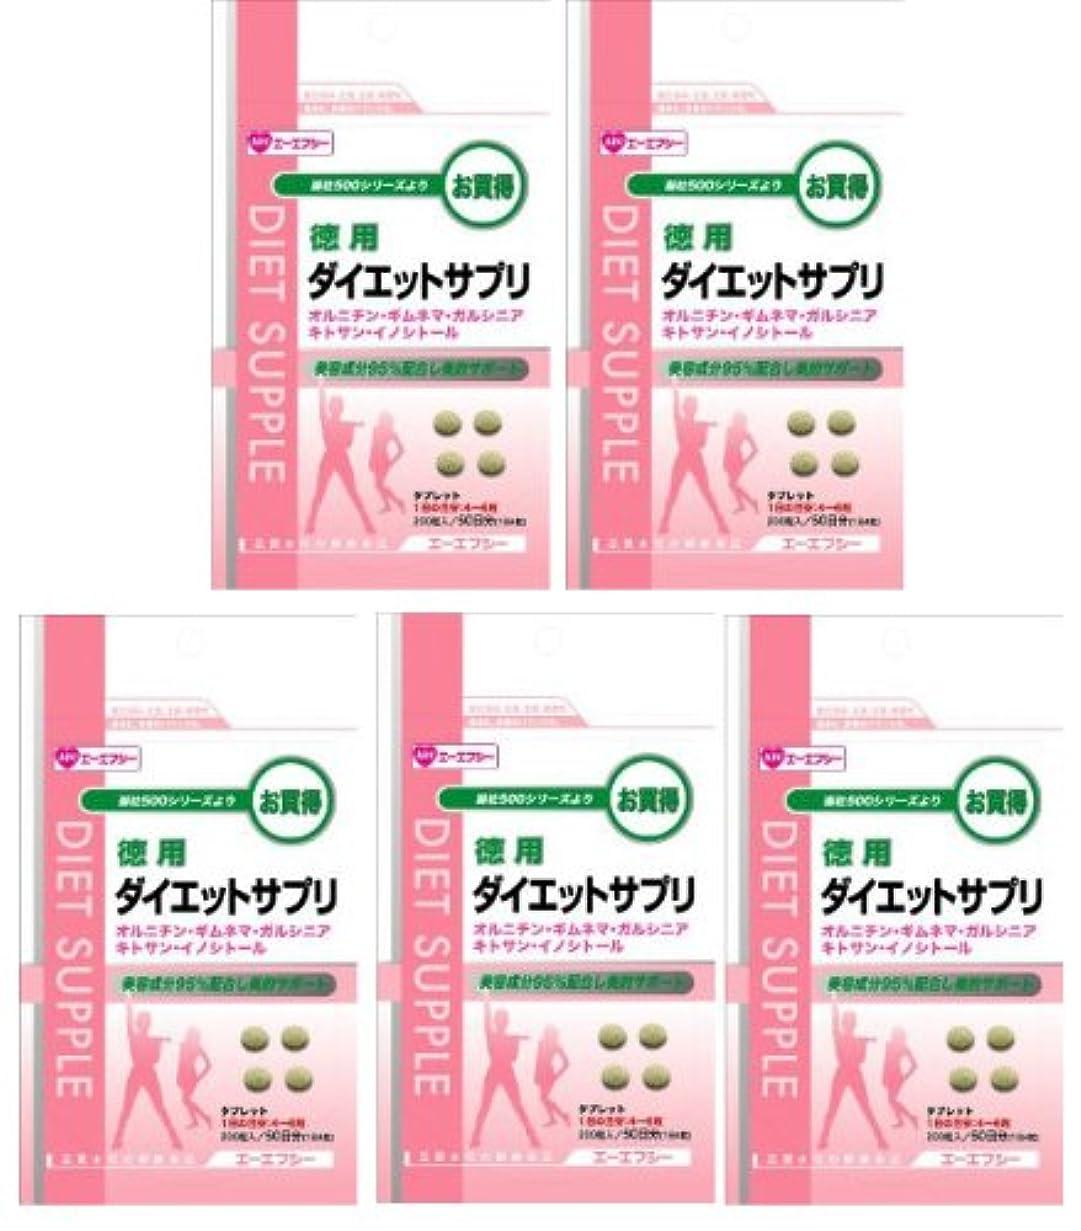 信頼性のある初心者対象AFC 徳用 ダイエットサプリ 200粒入 (約50日分)【5袋セット】